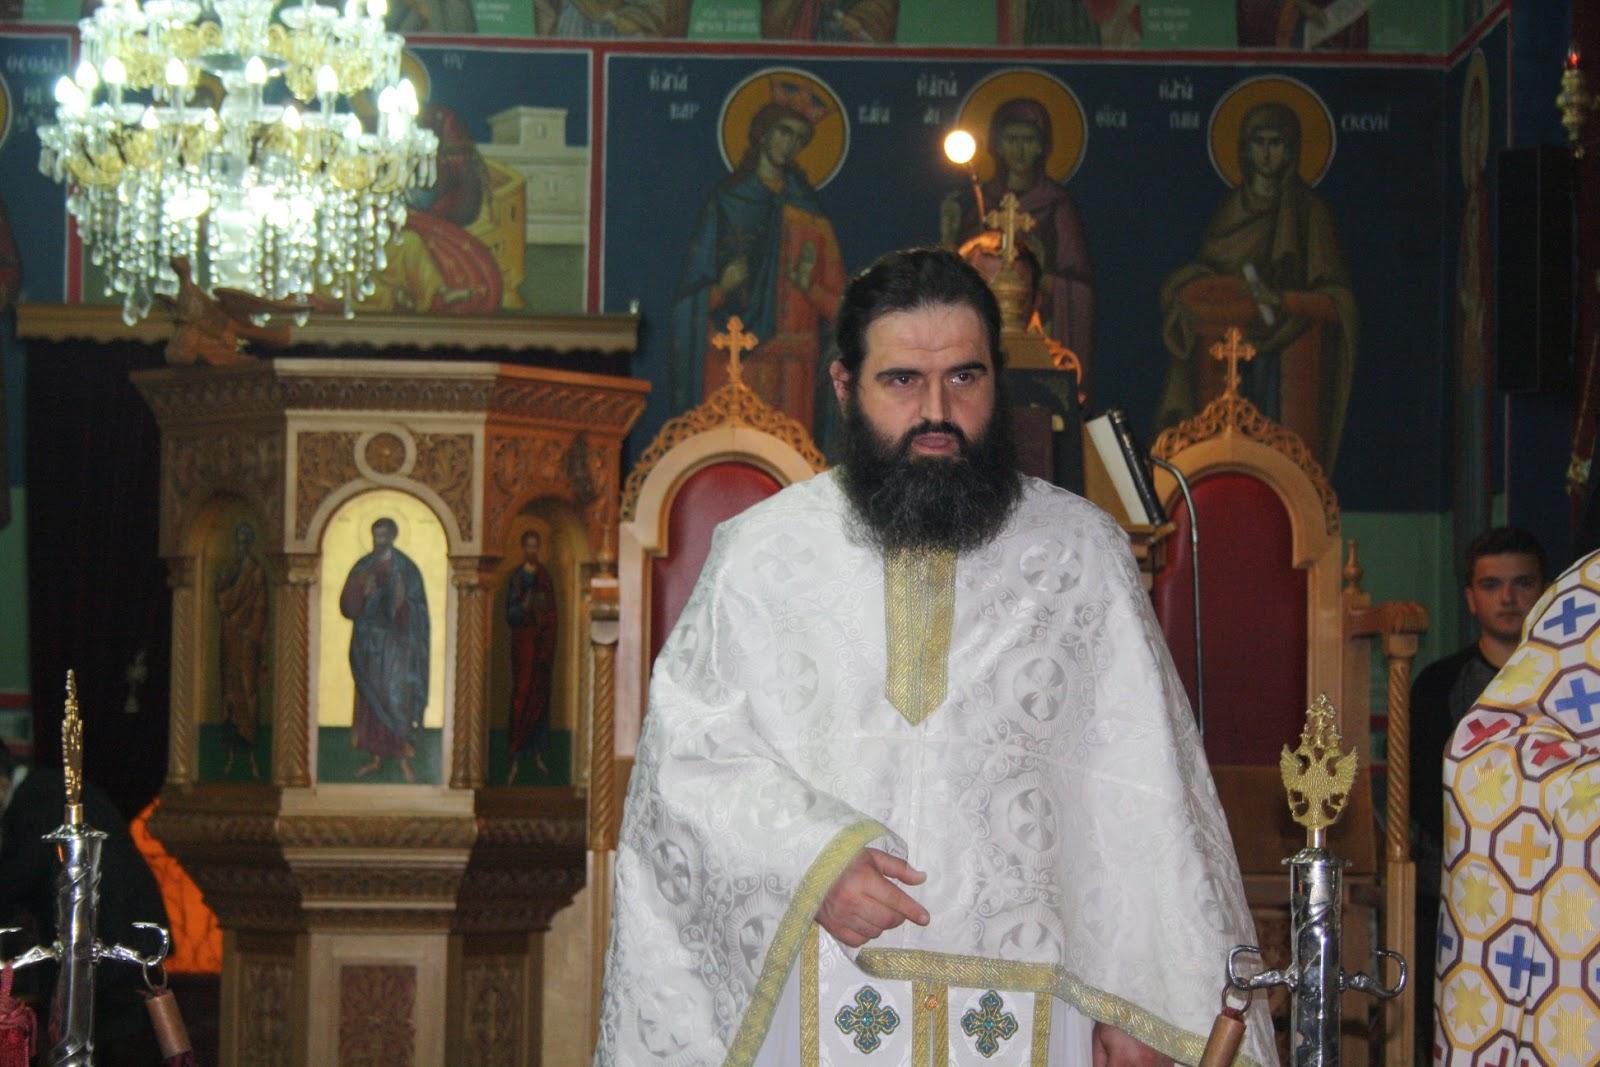 Ο πατήρ Γεώργιος Λαζούρας νέος ιερέας στα Όχθια